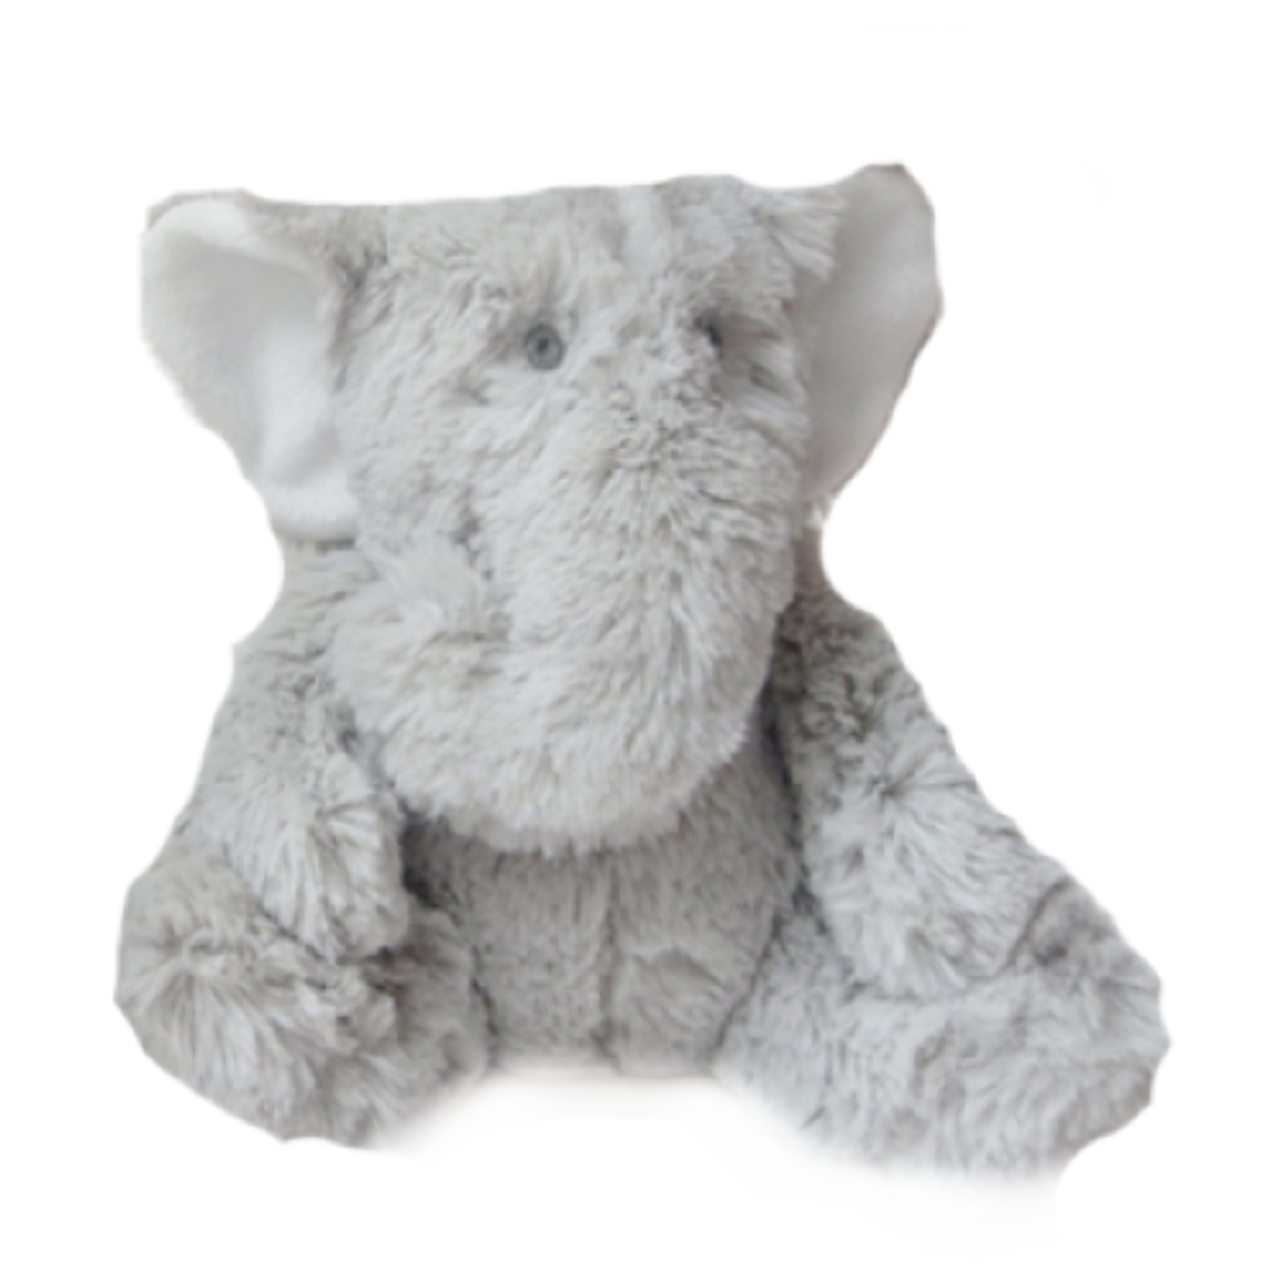 Urban Junior Plush Grey Elephant at Baby Barn Discounts Super soft, plush grey elephant, wonderfully cuddly.